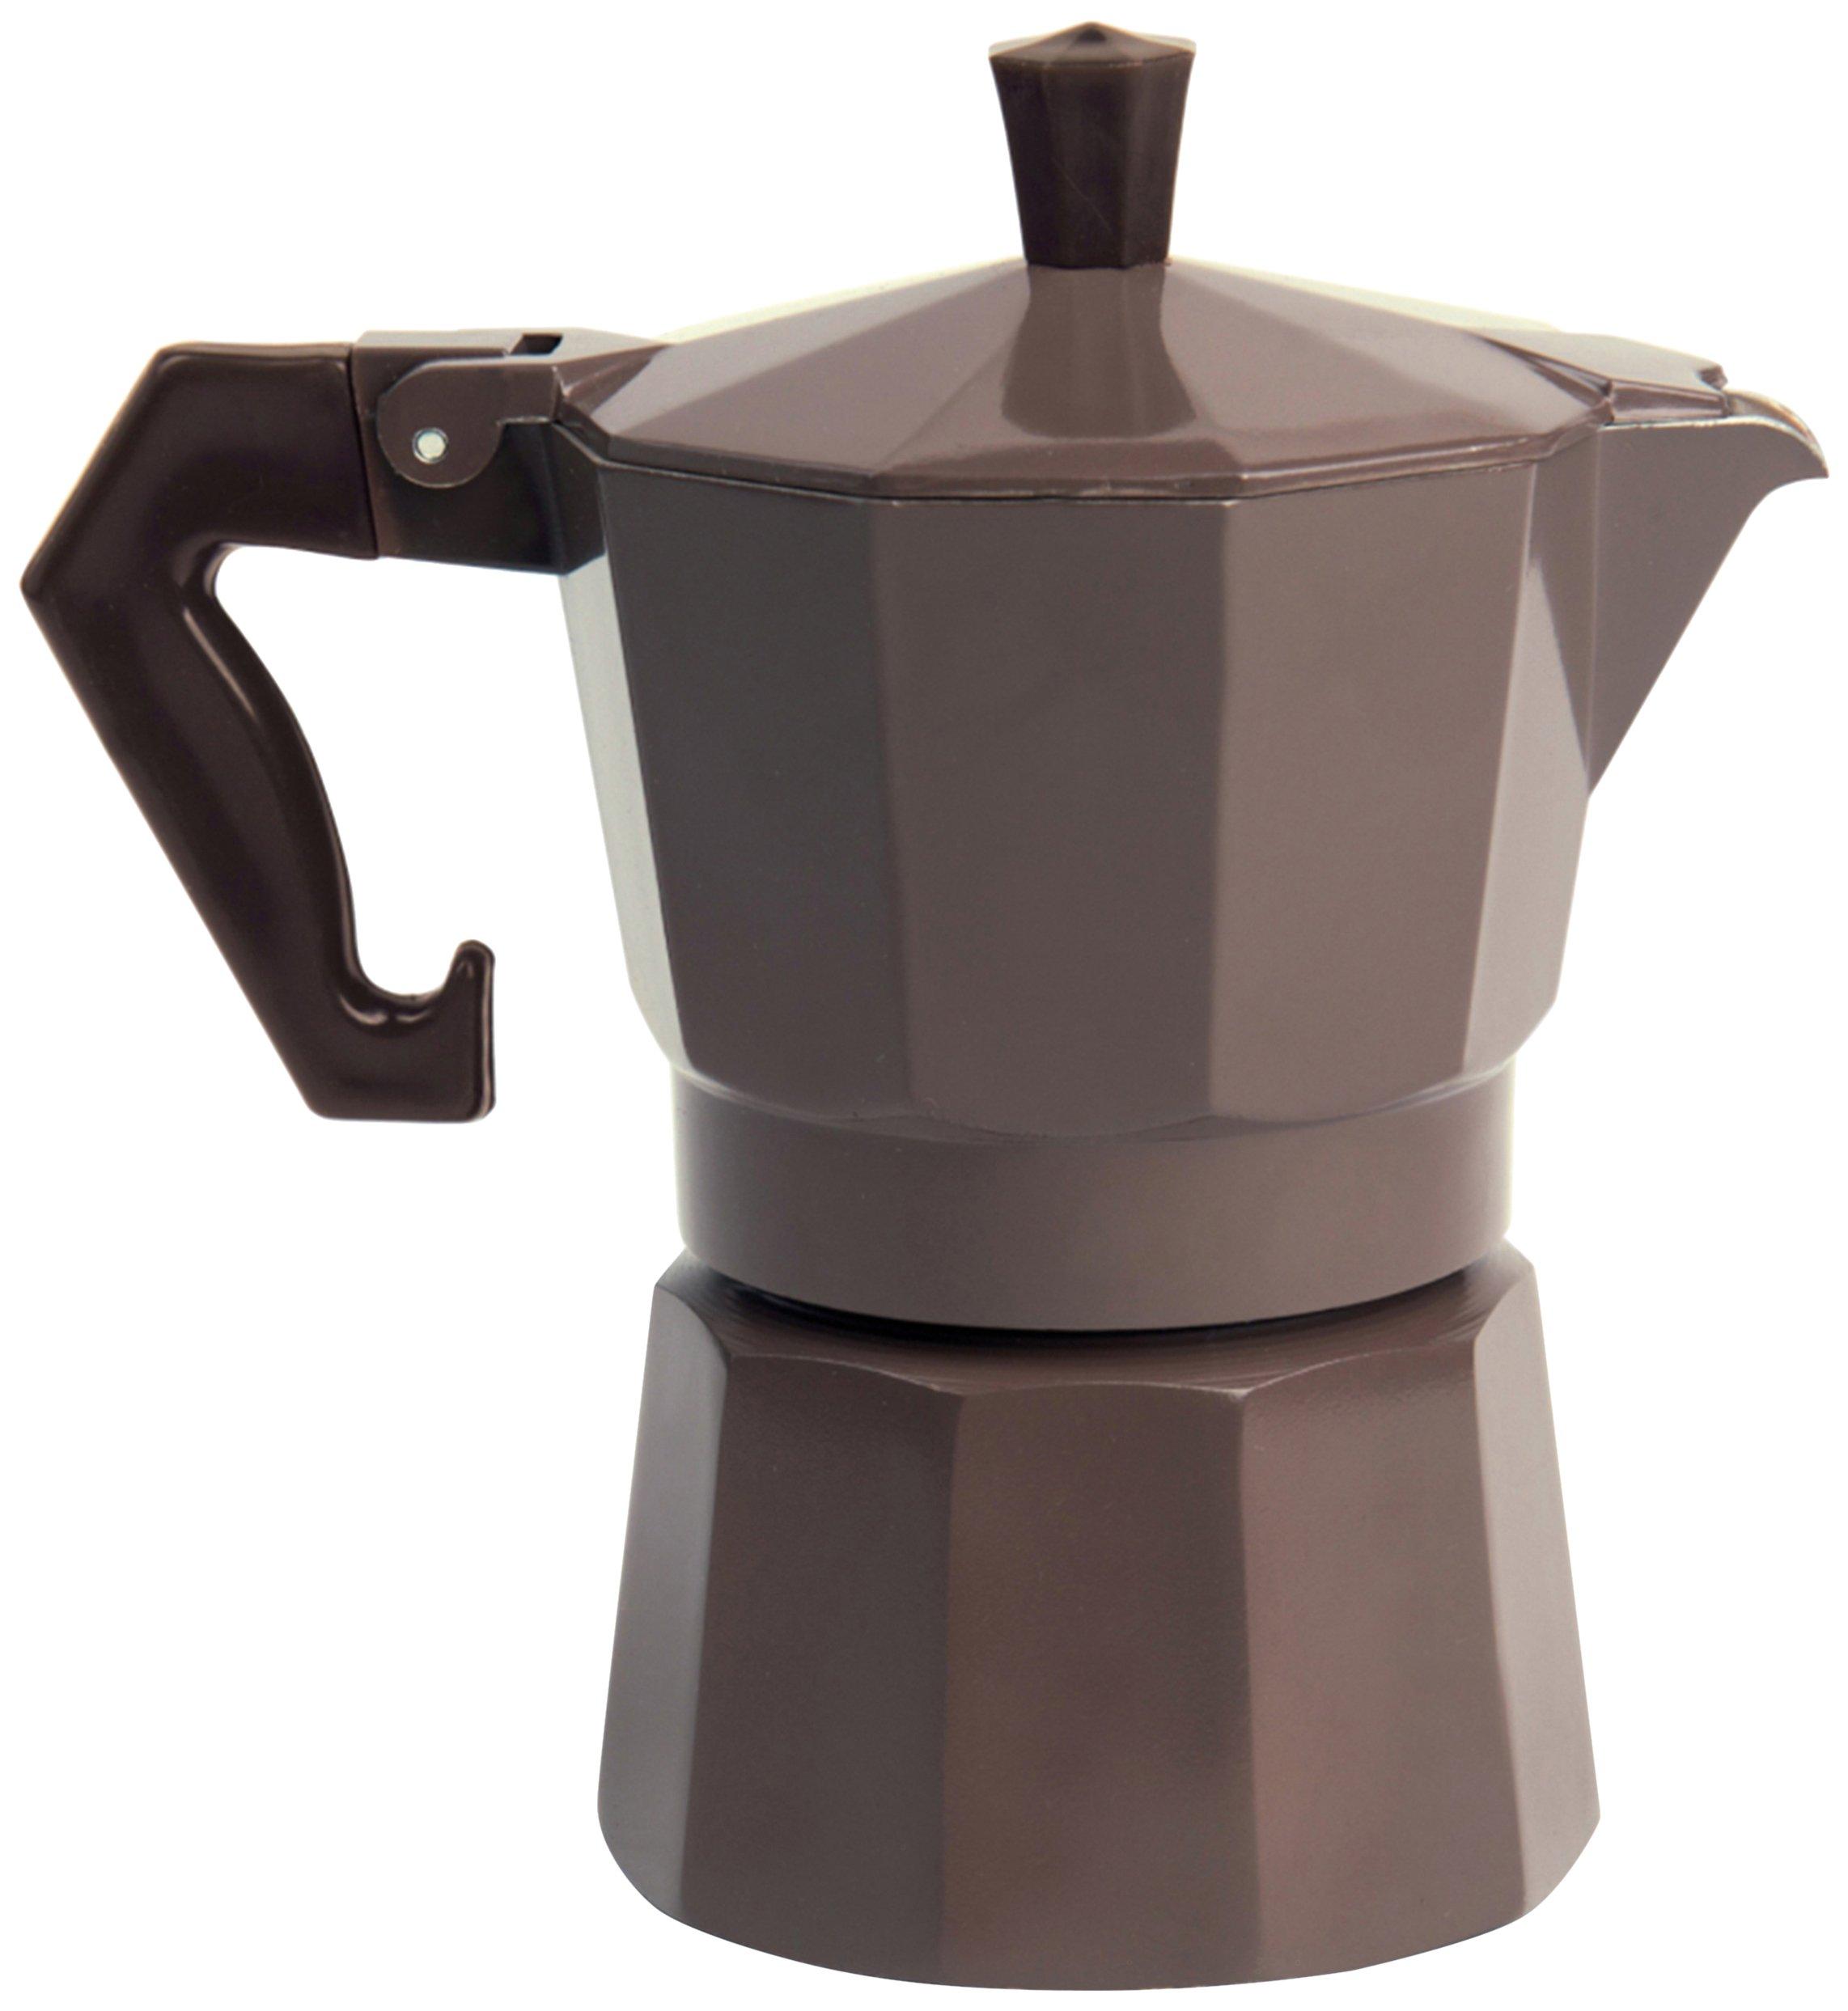 Excelsa Chicco Color cafetera Tazas, Aluminio, Color Gris: Amazon.es: Hogar